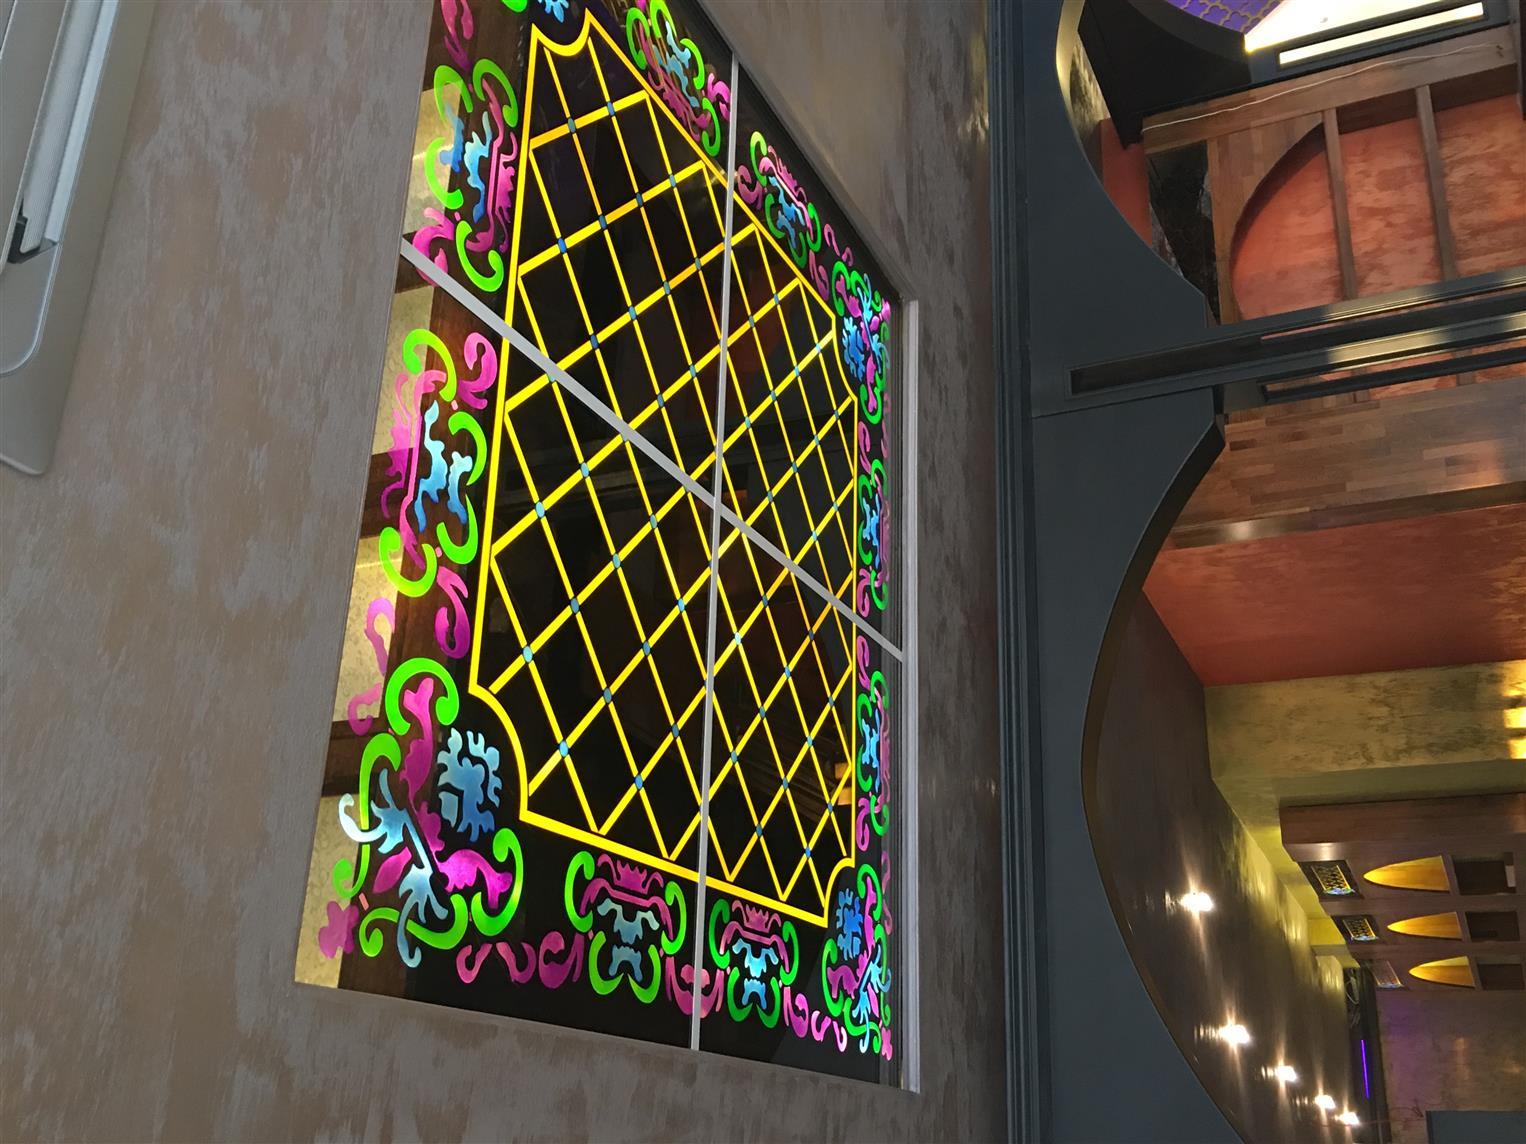 torbali-ottoman-nargile-atelyesi201734144322264.jpg izmir vitray çalışması